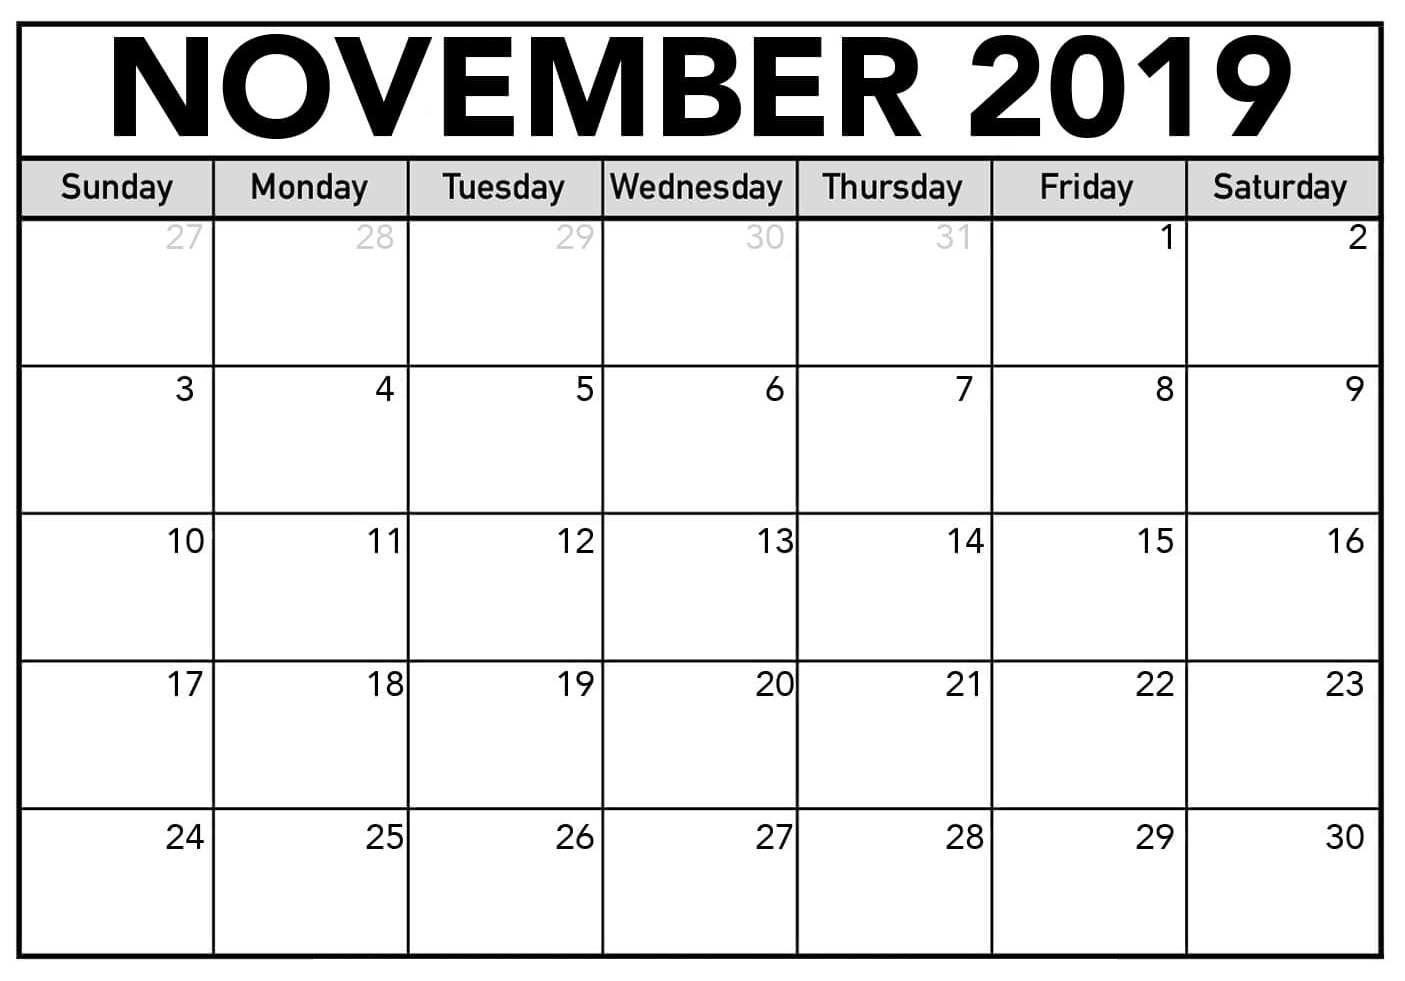 Fillable November 2019 Calendar Printable